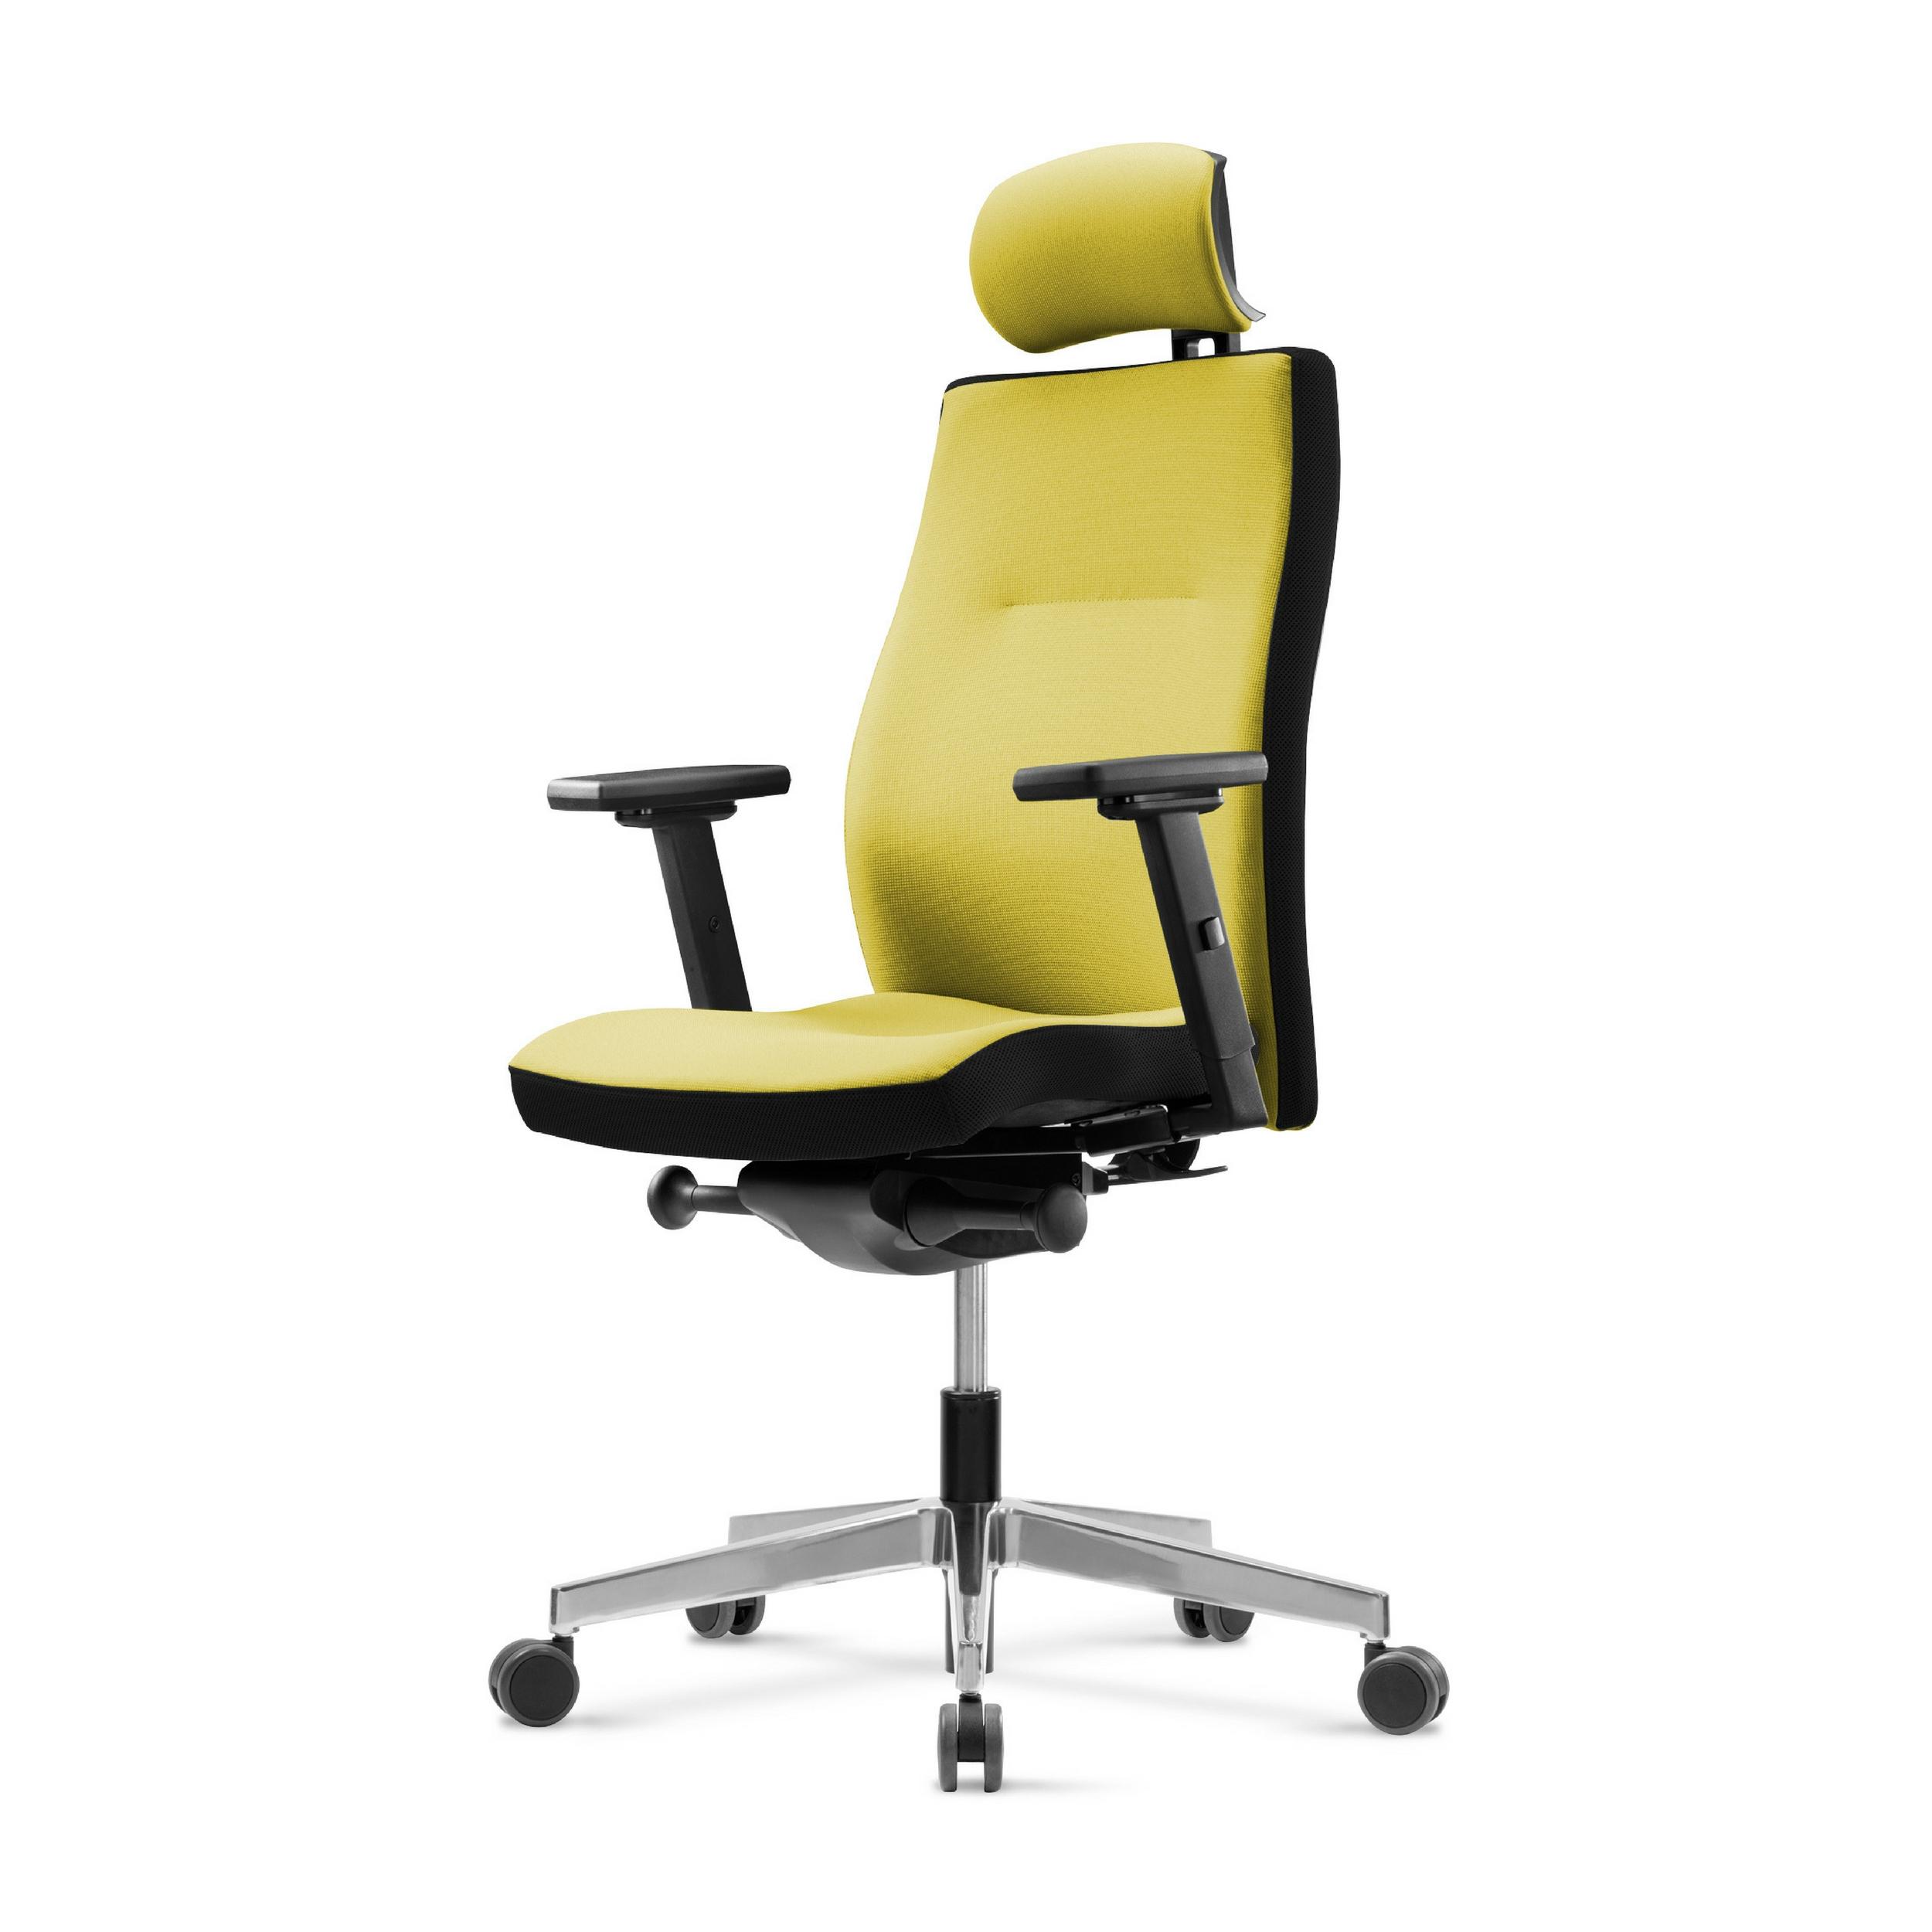 krzesło_SO-one04